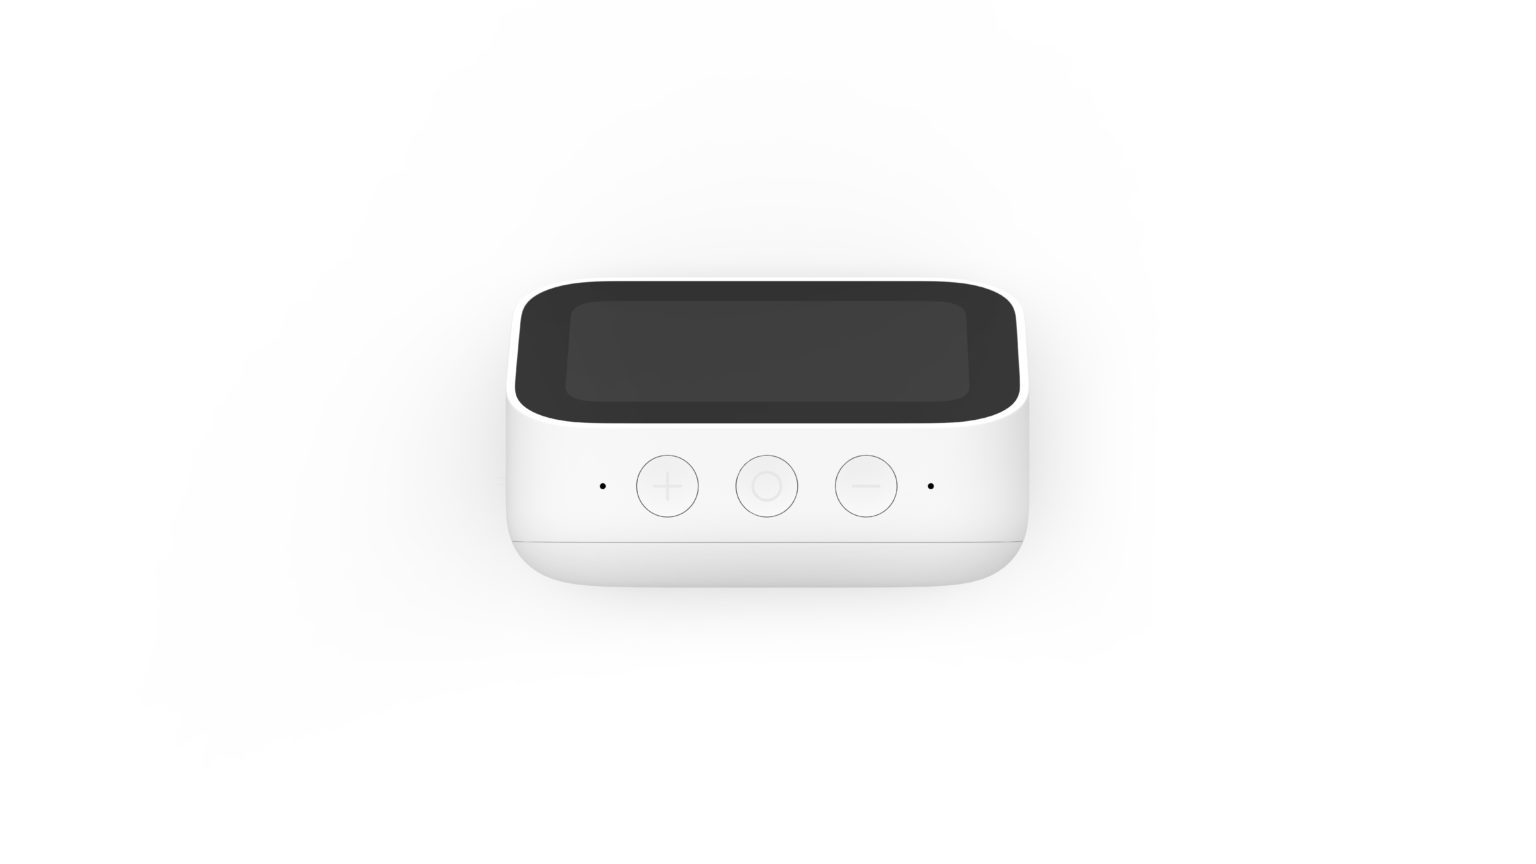 Botenes y micrófonos en la parte superior del reloj despertador Inteligente Xiaomi Mi Smart Clock